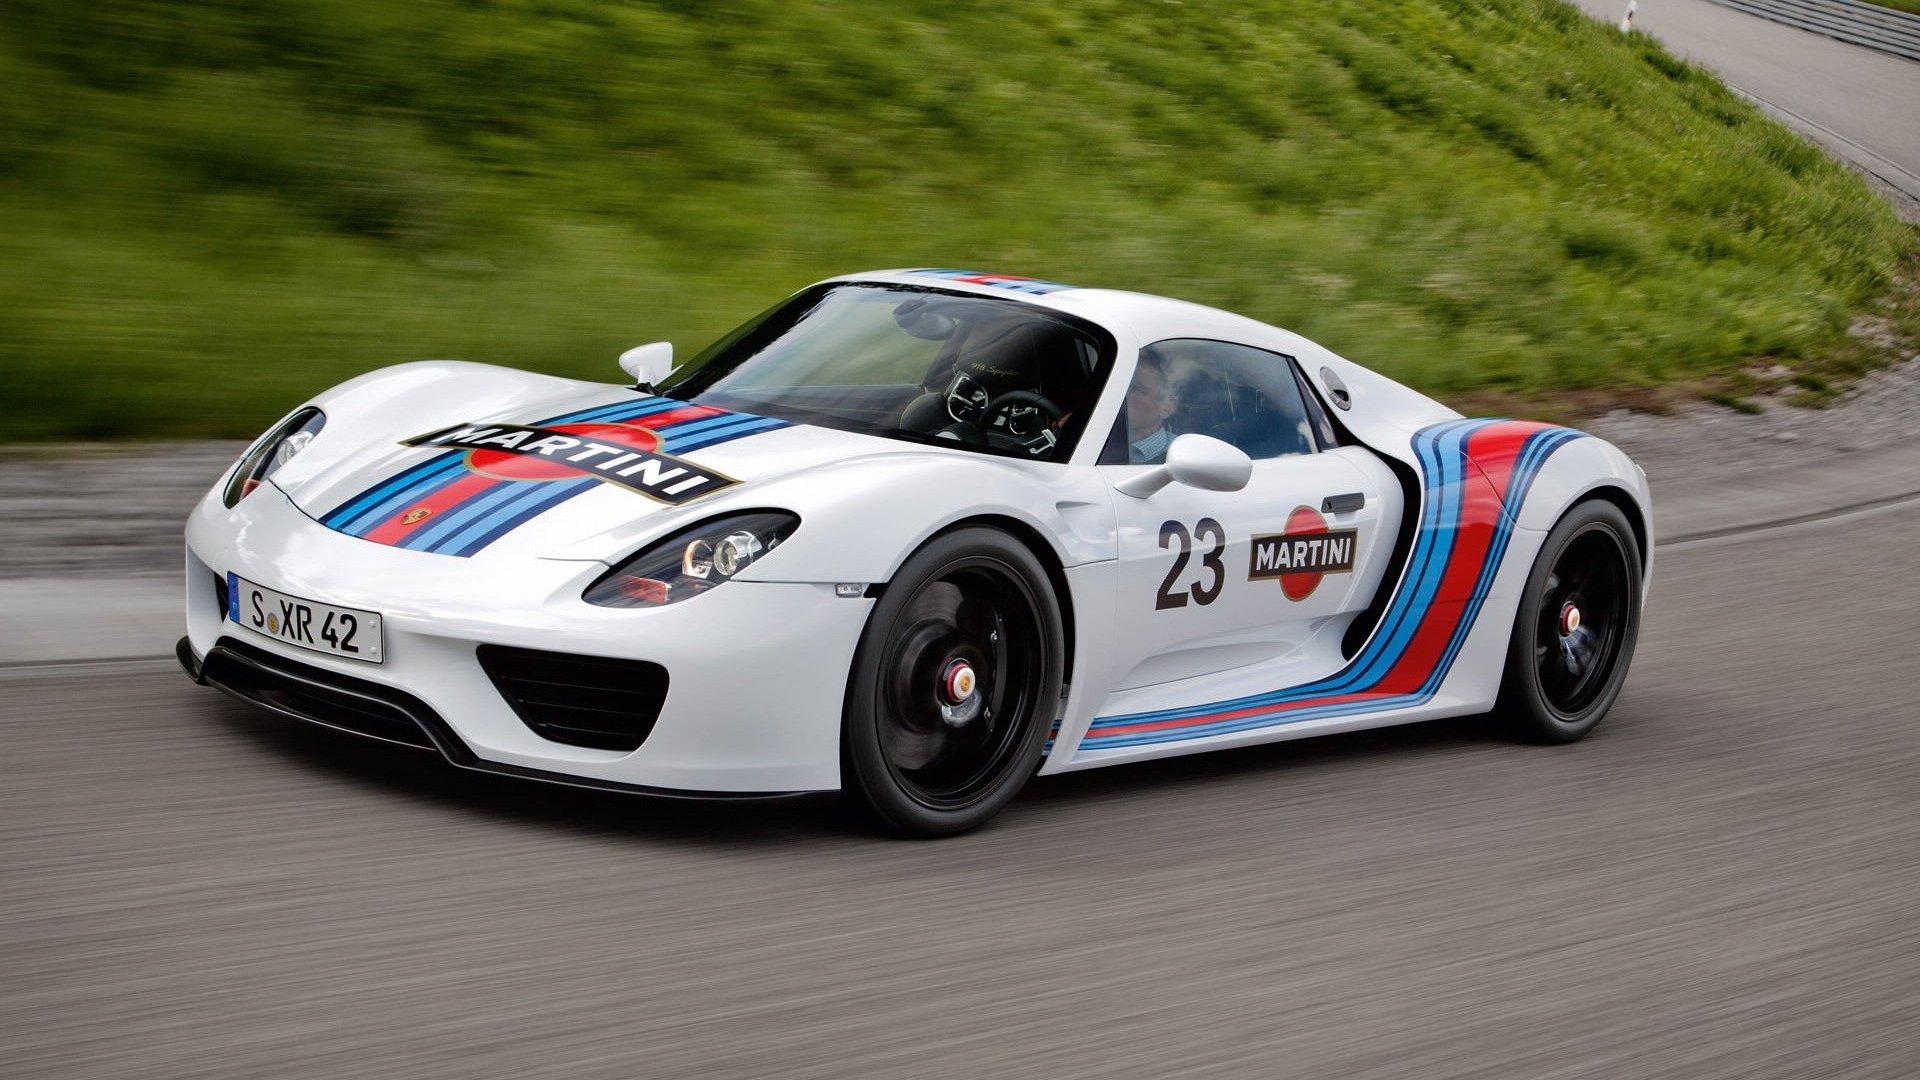 porsche-918-spyder-hd-wallpape-54e7c12f4fb17 Stunning Porsche 918 Spyder Paint Job Cars Trend